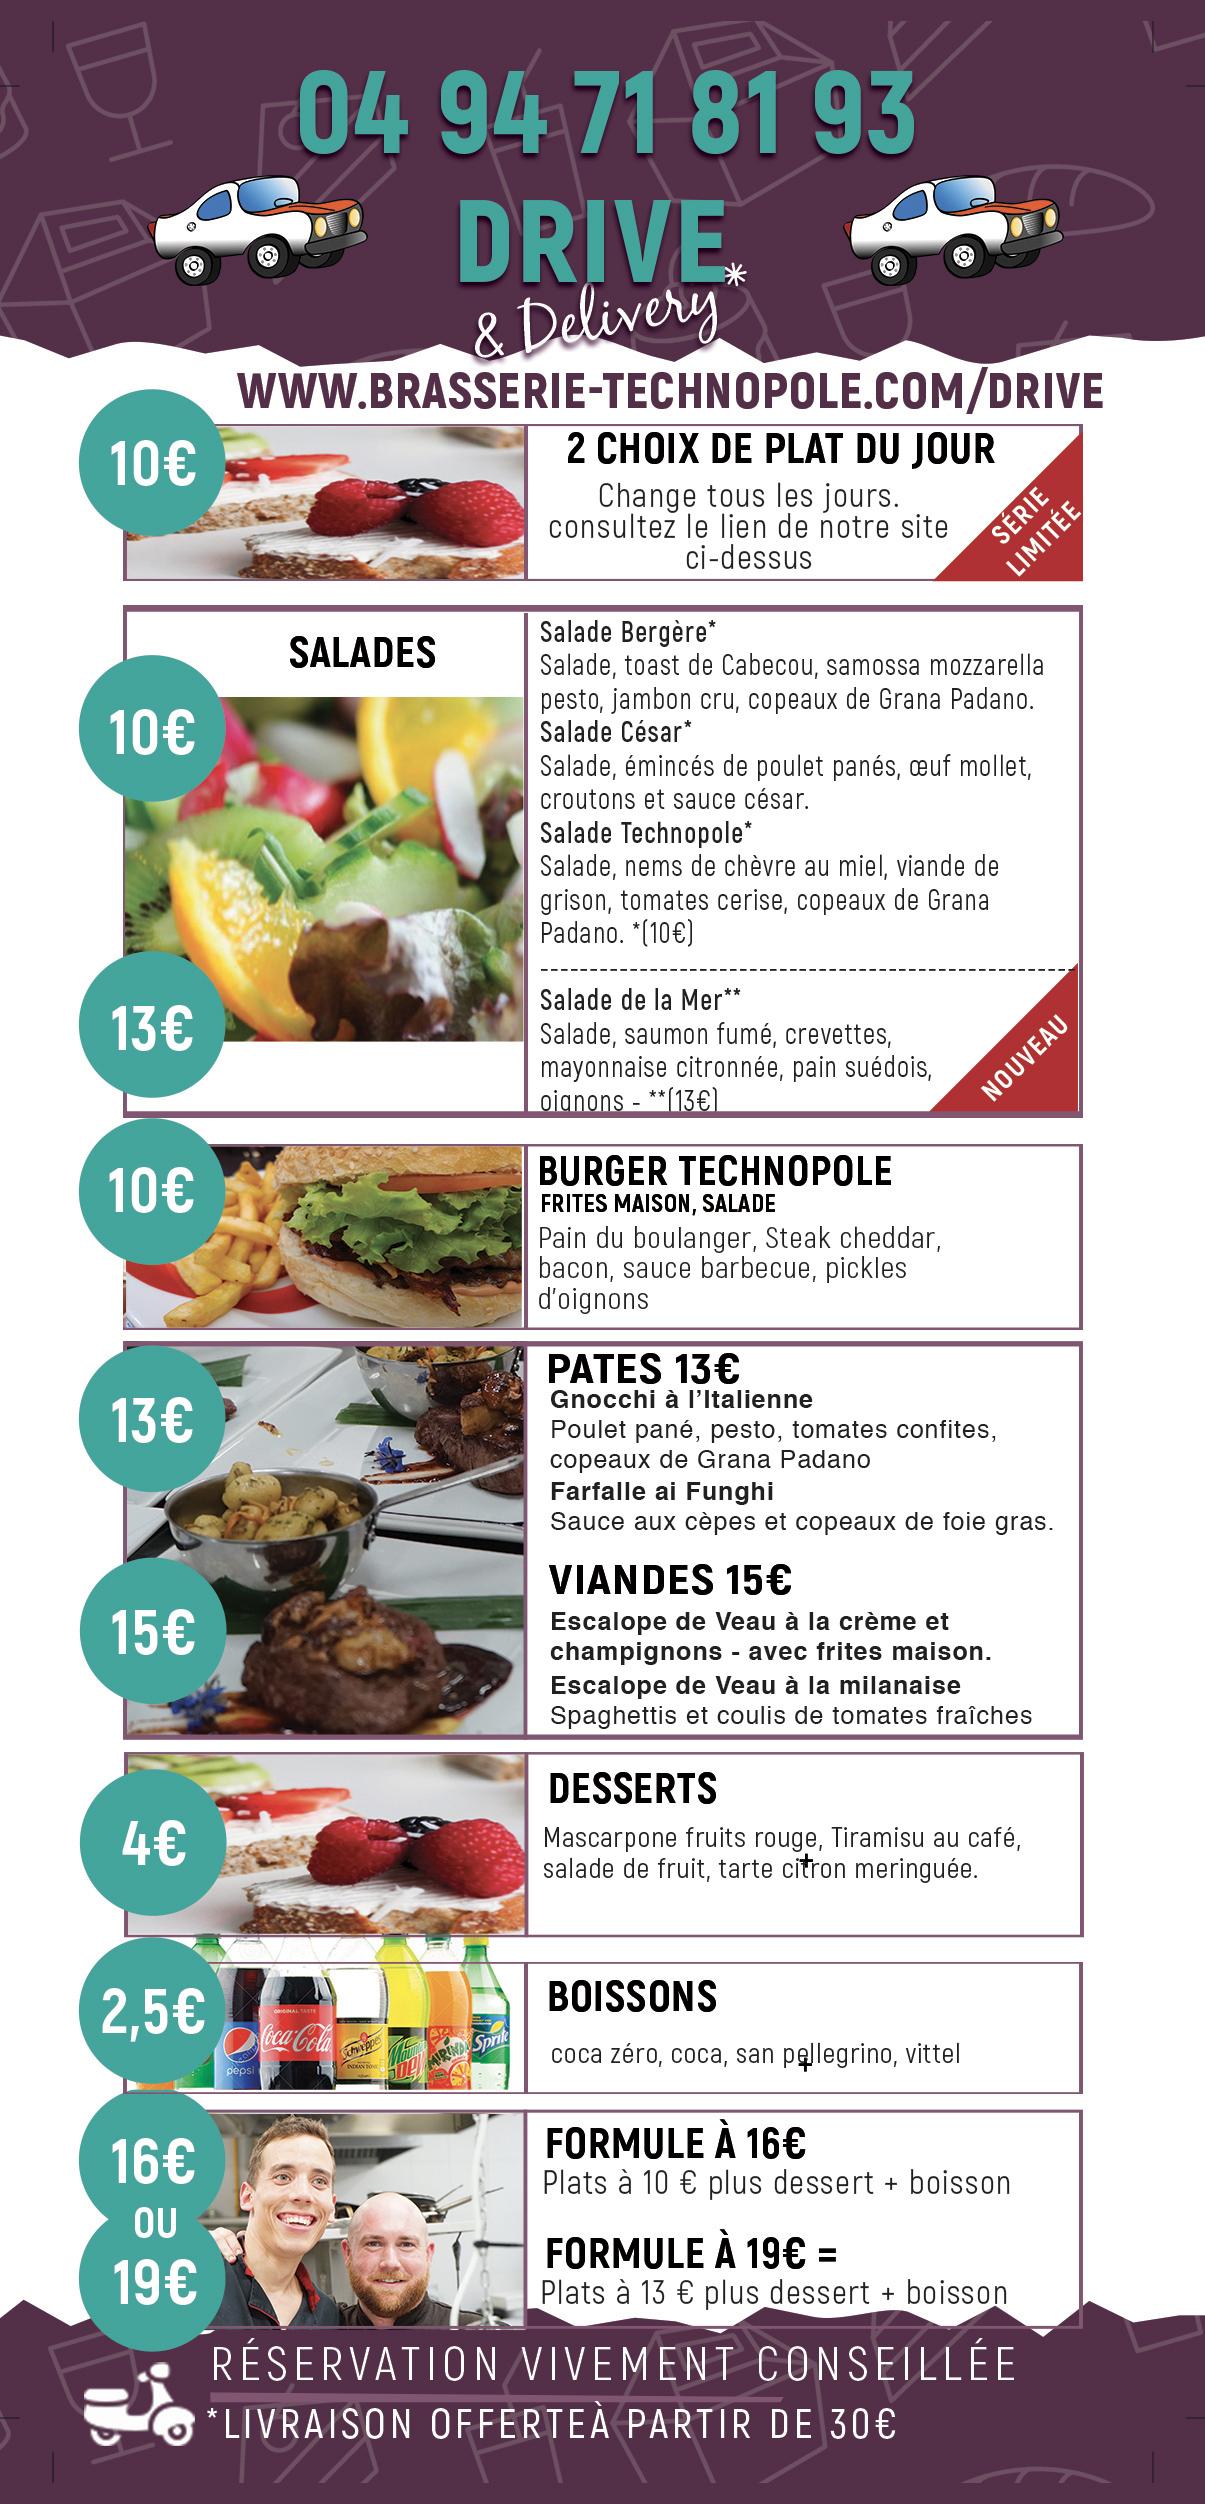 Plats et menus à emporter, Brasserie Technopole